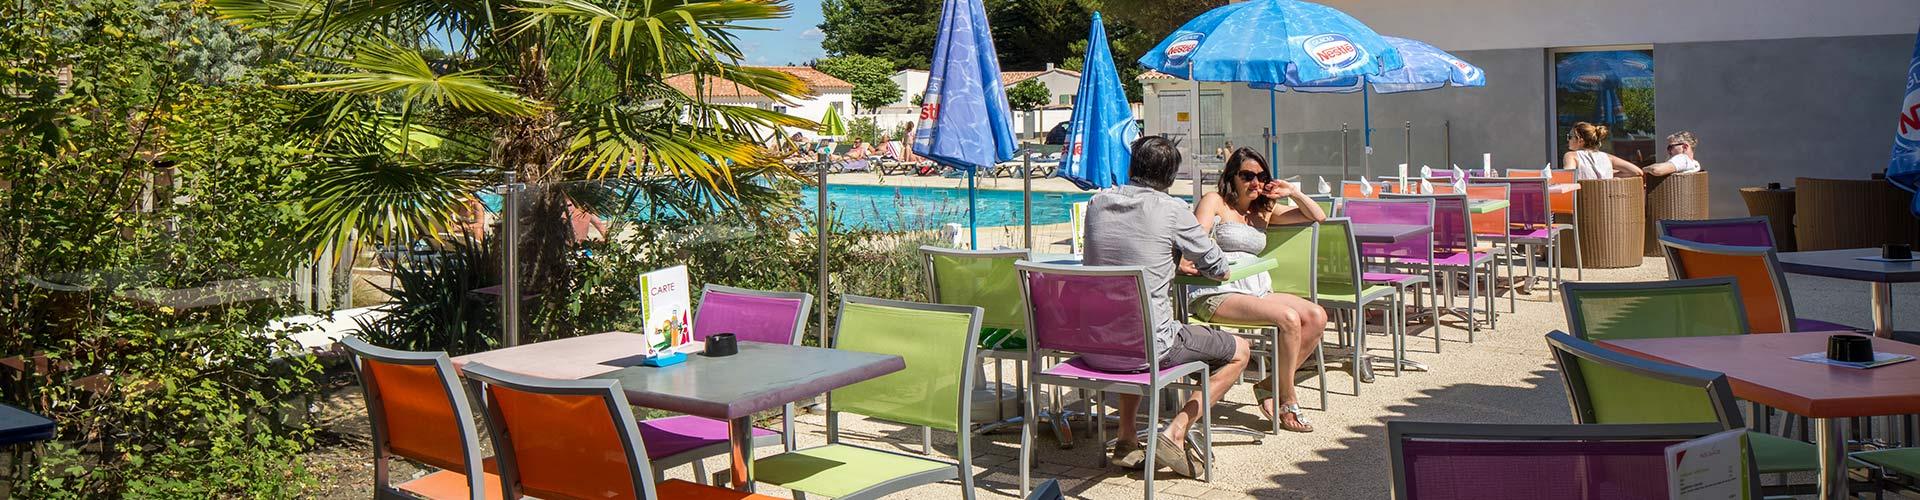 Camping Ile De Ré Le Bois Plage - Camping Bois Plage en Ré Camping Ile de Ré Camping 3 etoiles Ile de Re